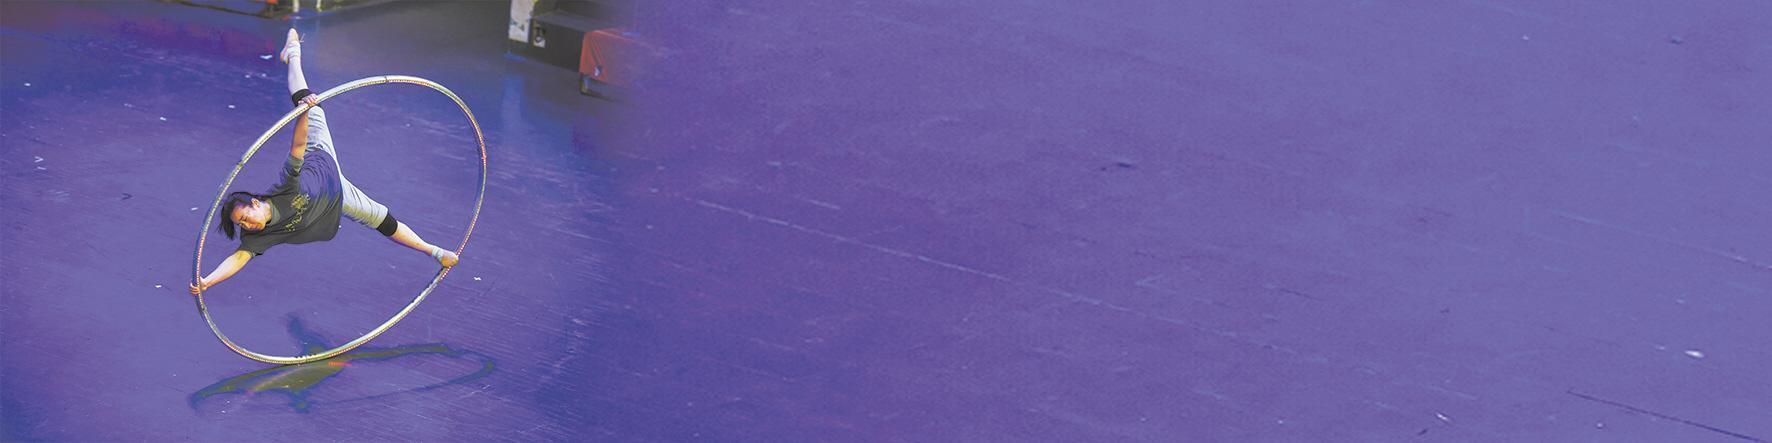 """记者探班国内首部抗疫题材杂技剧《英雄》排练现场  高难度""""浪船""""象征乘风破浪的武汉"""